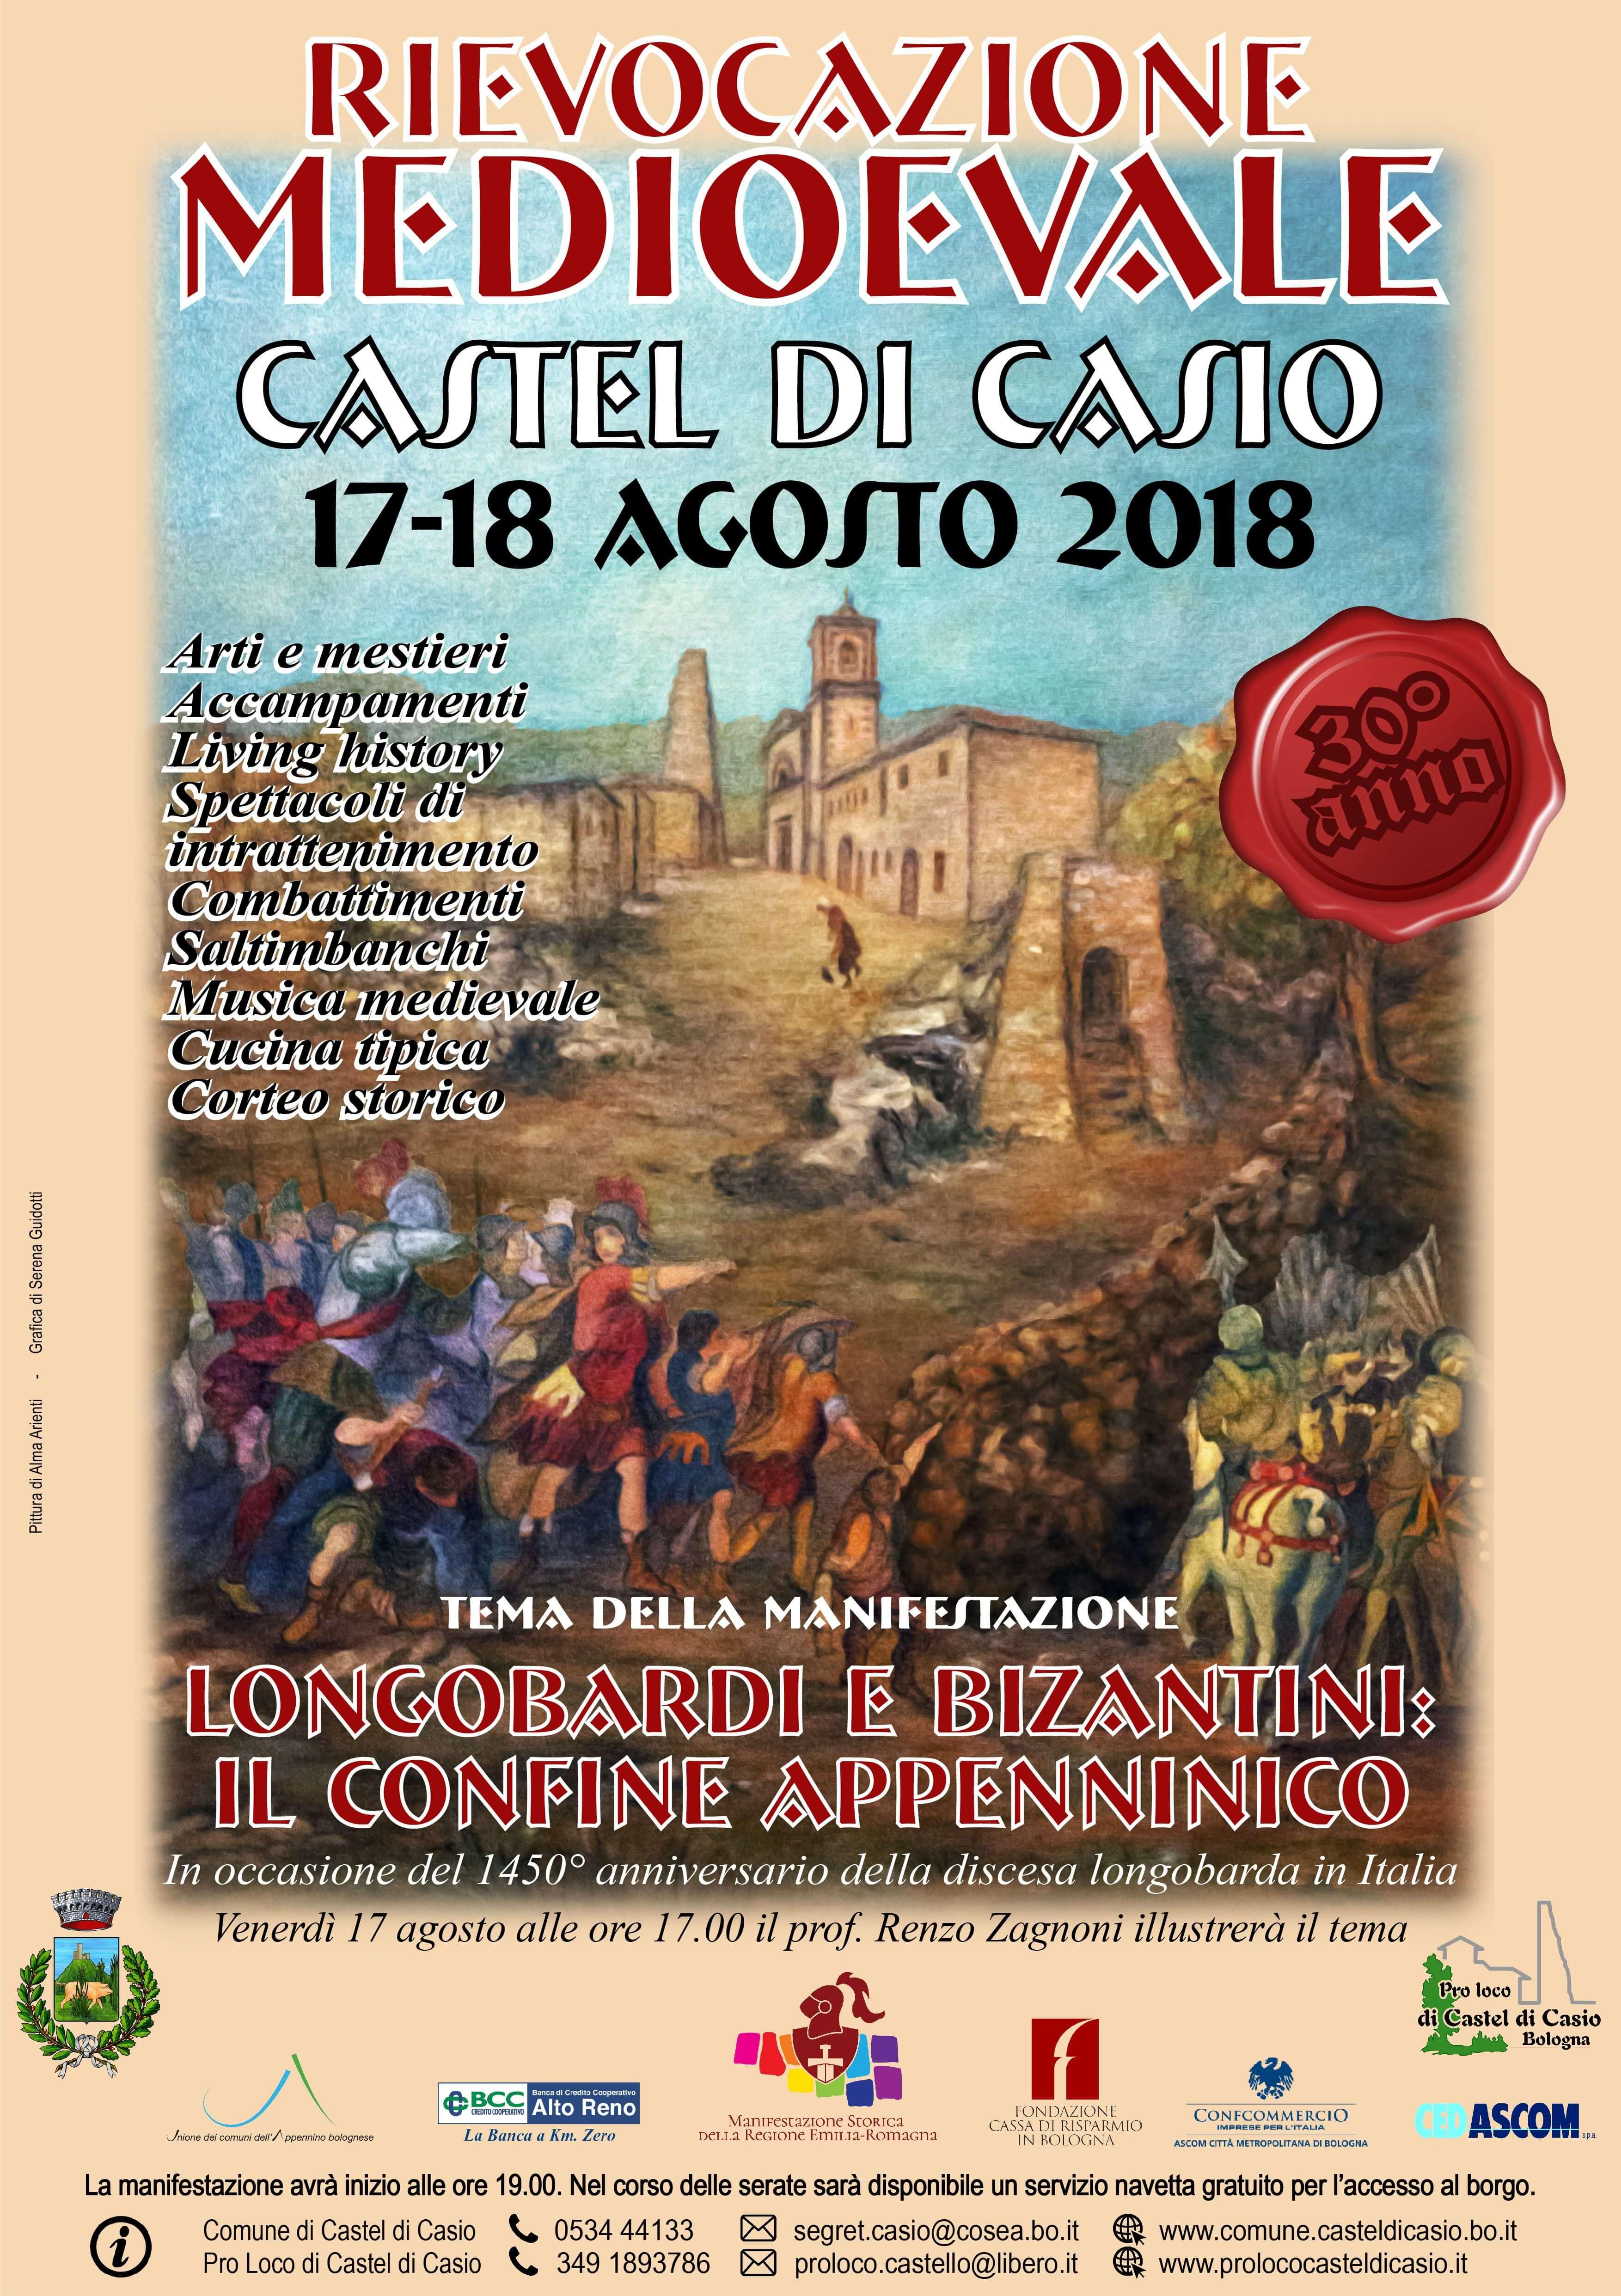 Castel di Casio (BO), una tradizionale rievocazione medioevale